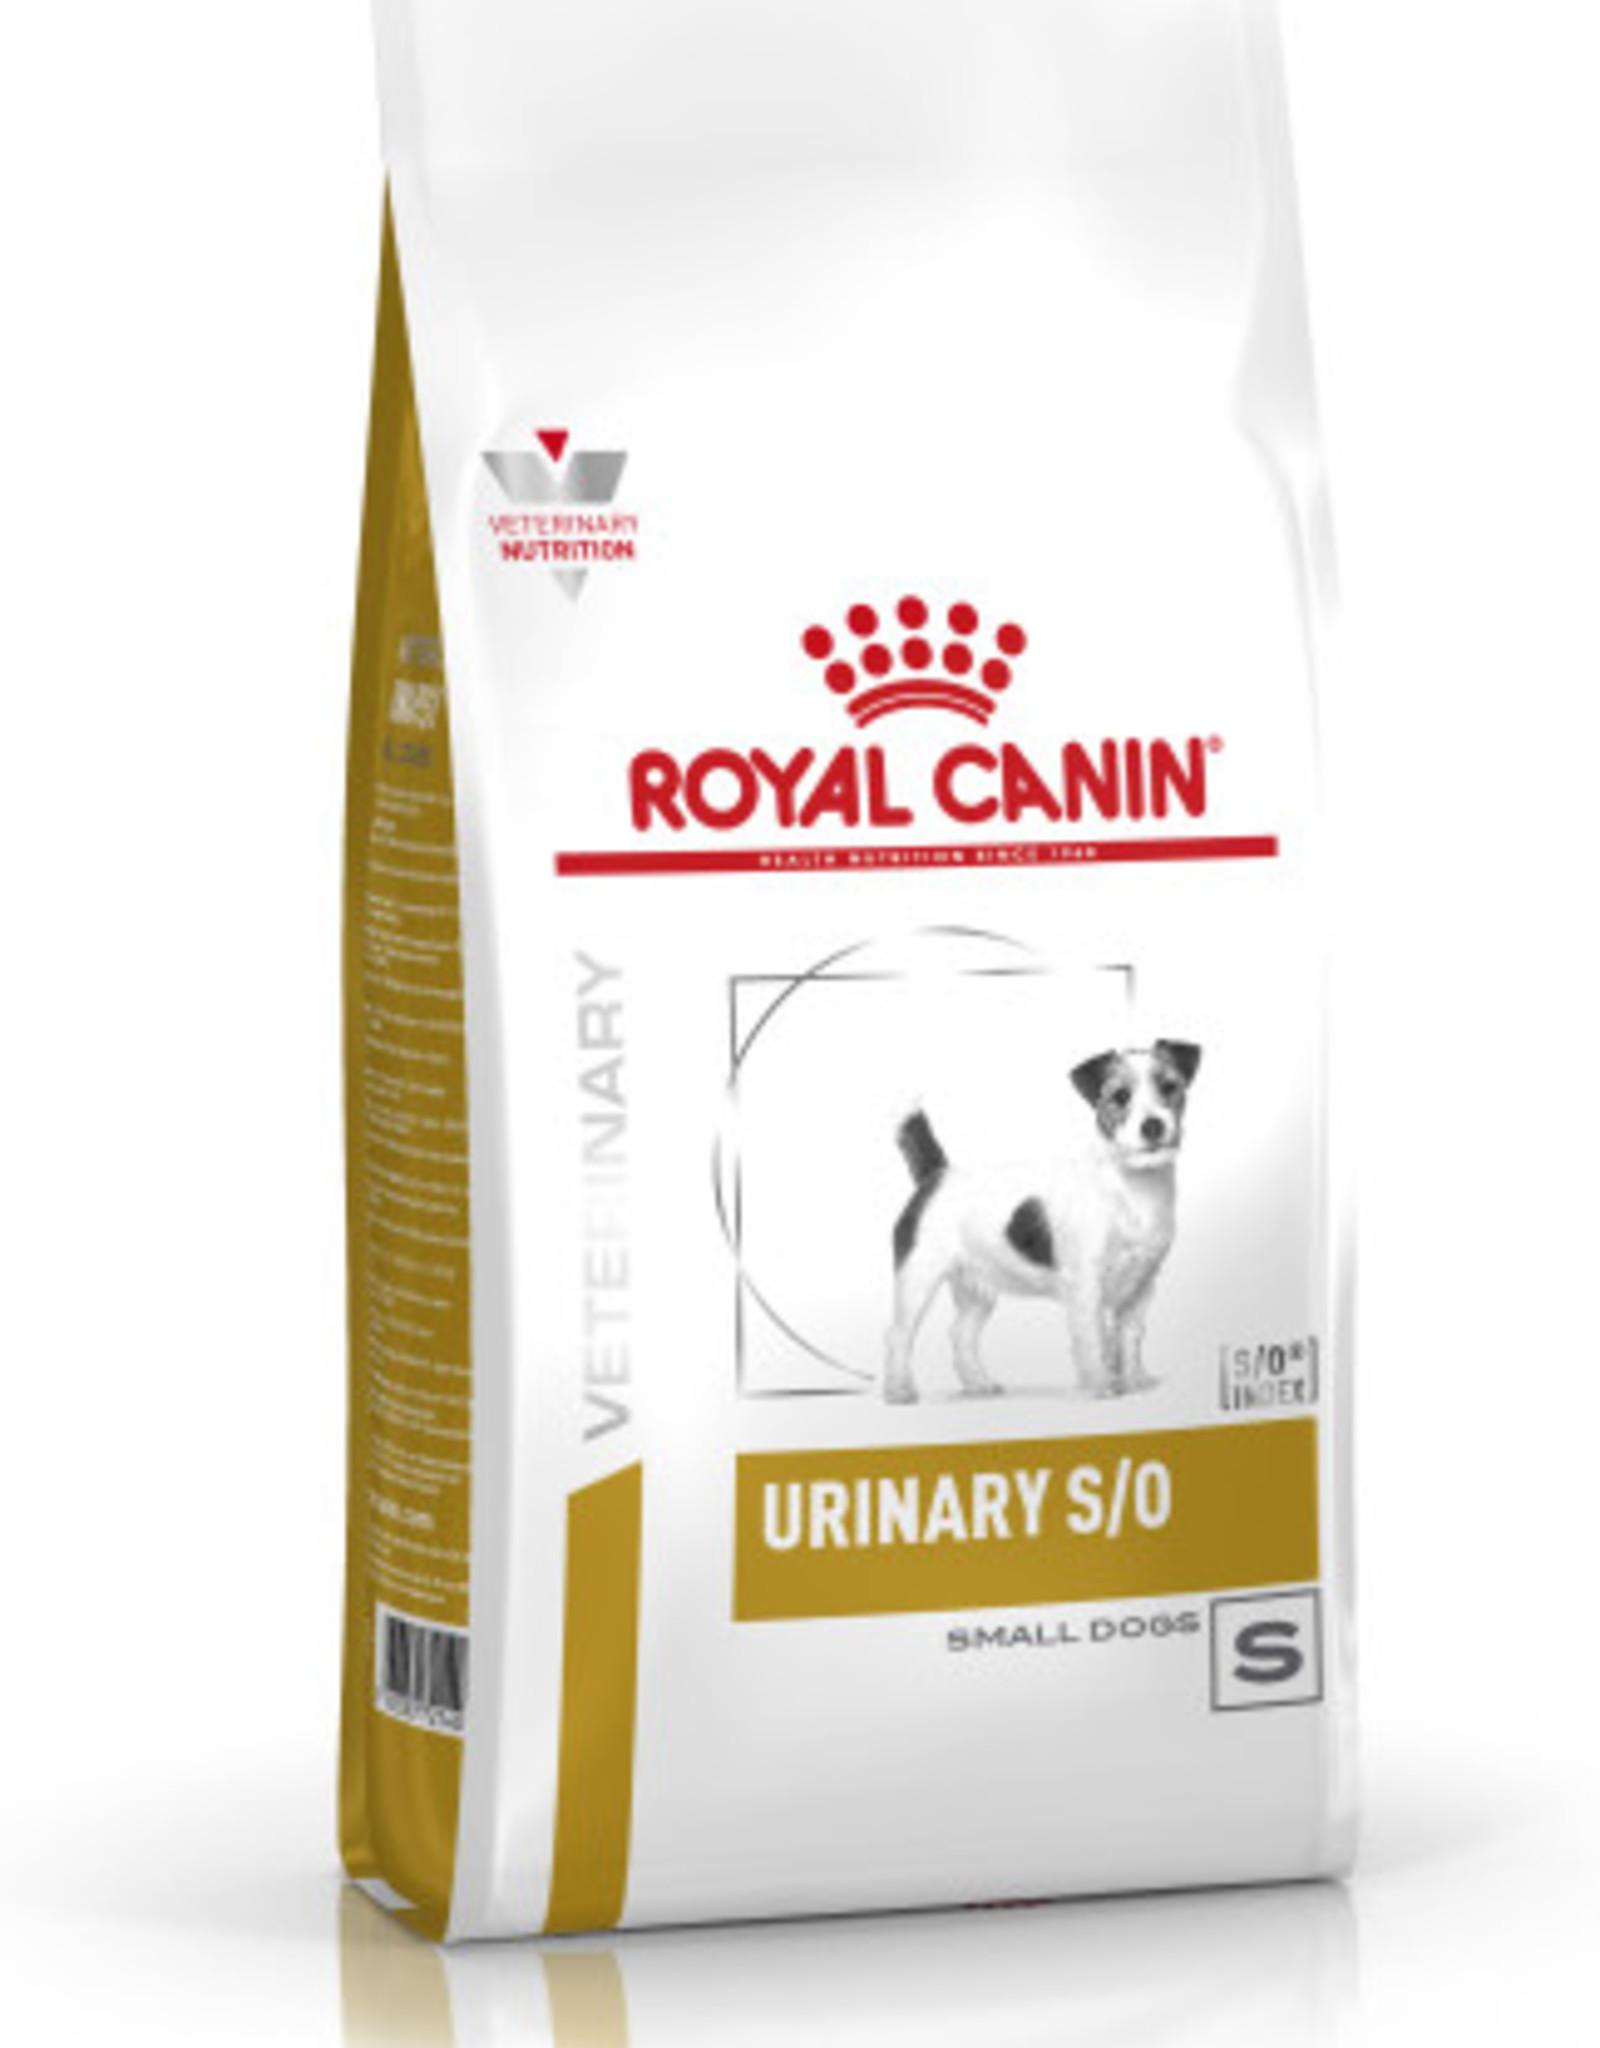 Royal Canin Royal Canin Urinary S/o Small Hund 4kg